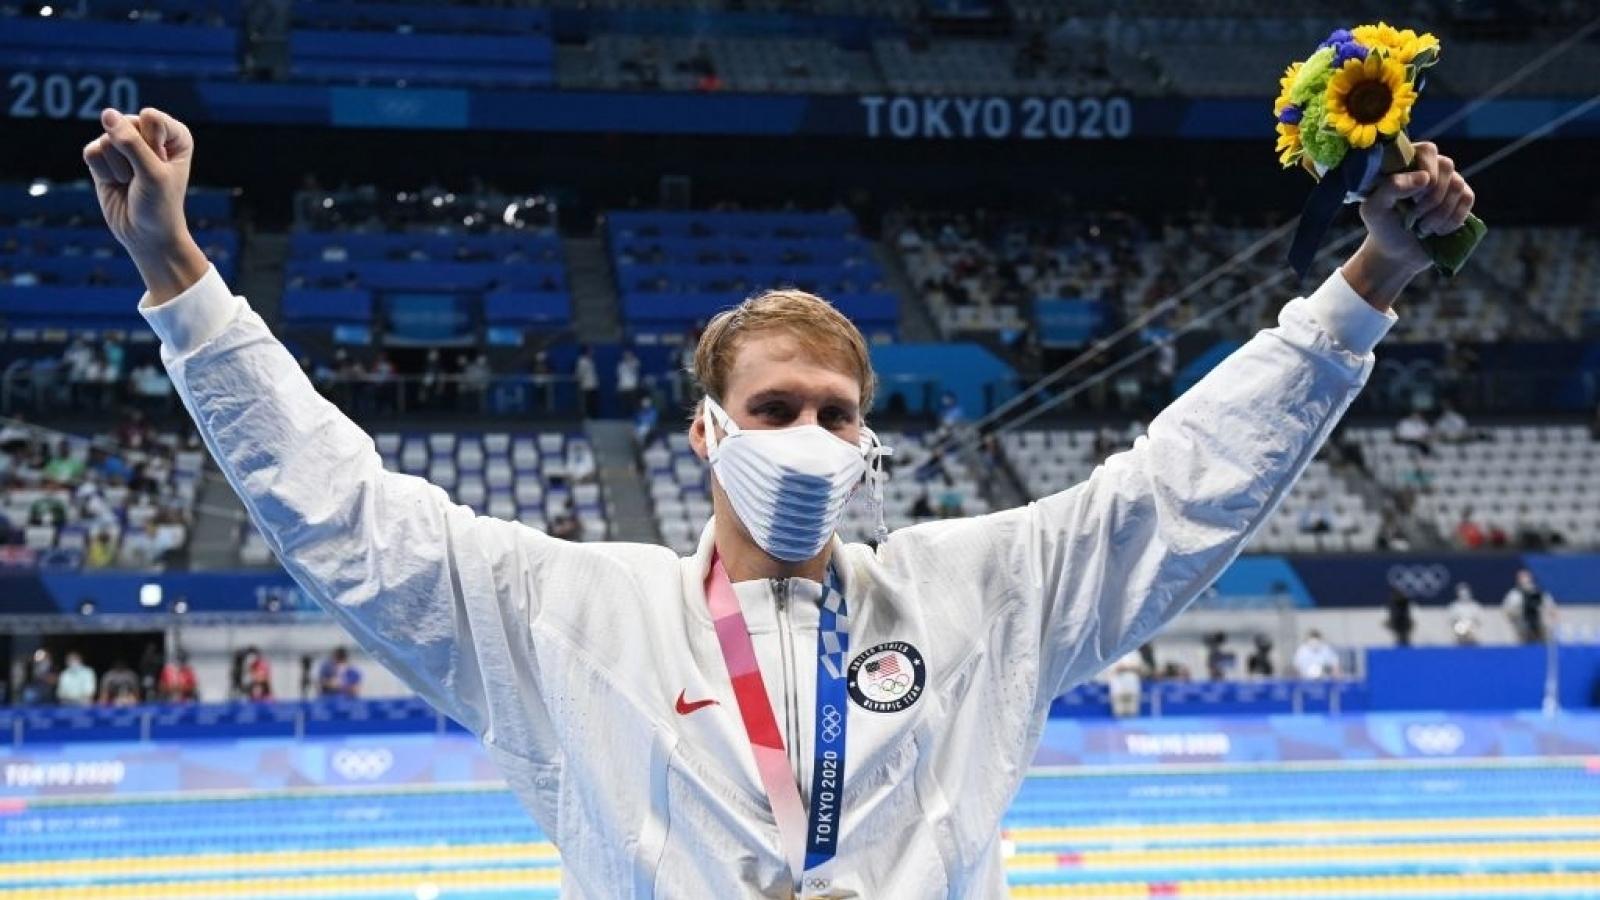 Đoàn thể thao Mỹ có HCV đầu tiên ở Olympic Tokyo 2020